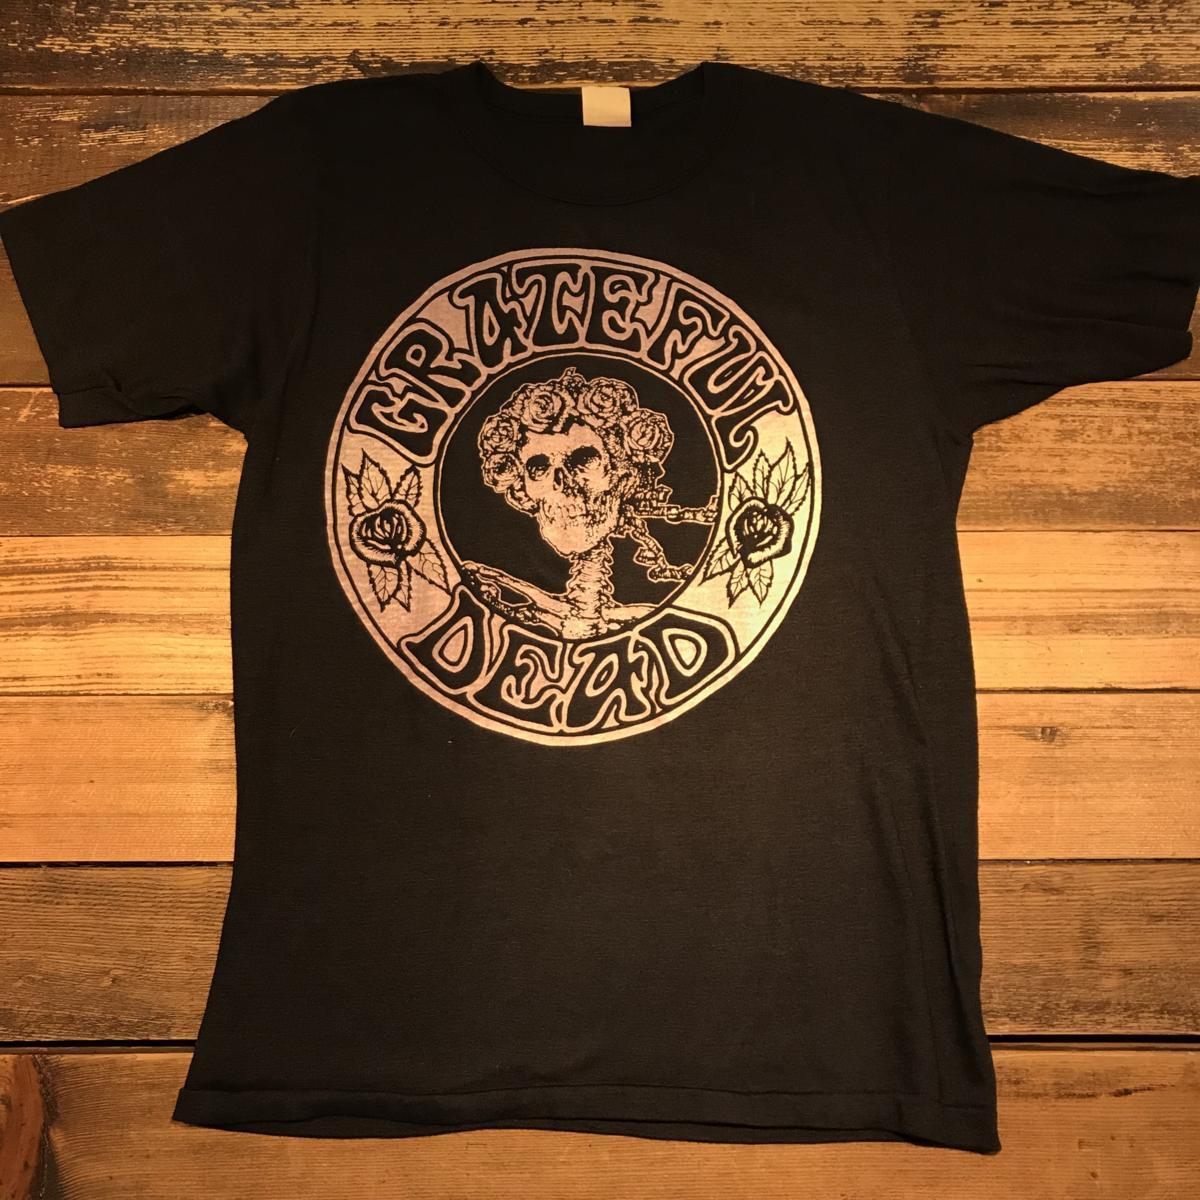 70~80'S GRATEFUL DEAD BAND T-SHIRT.(DEAD STOCK) / VINTAGE 70s 80s ビンテージ デッドストック グレイトフルデッド バンド Tシャツ_画像1